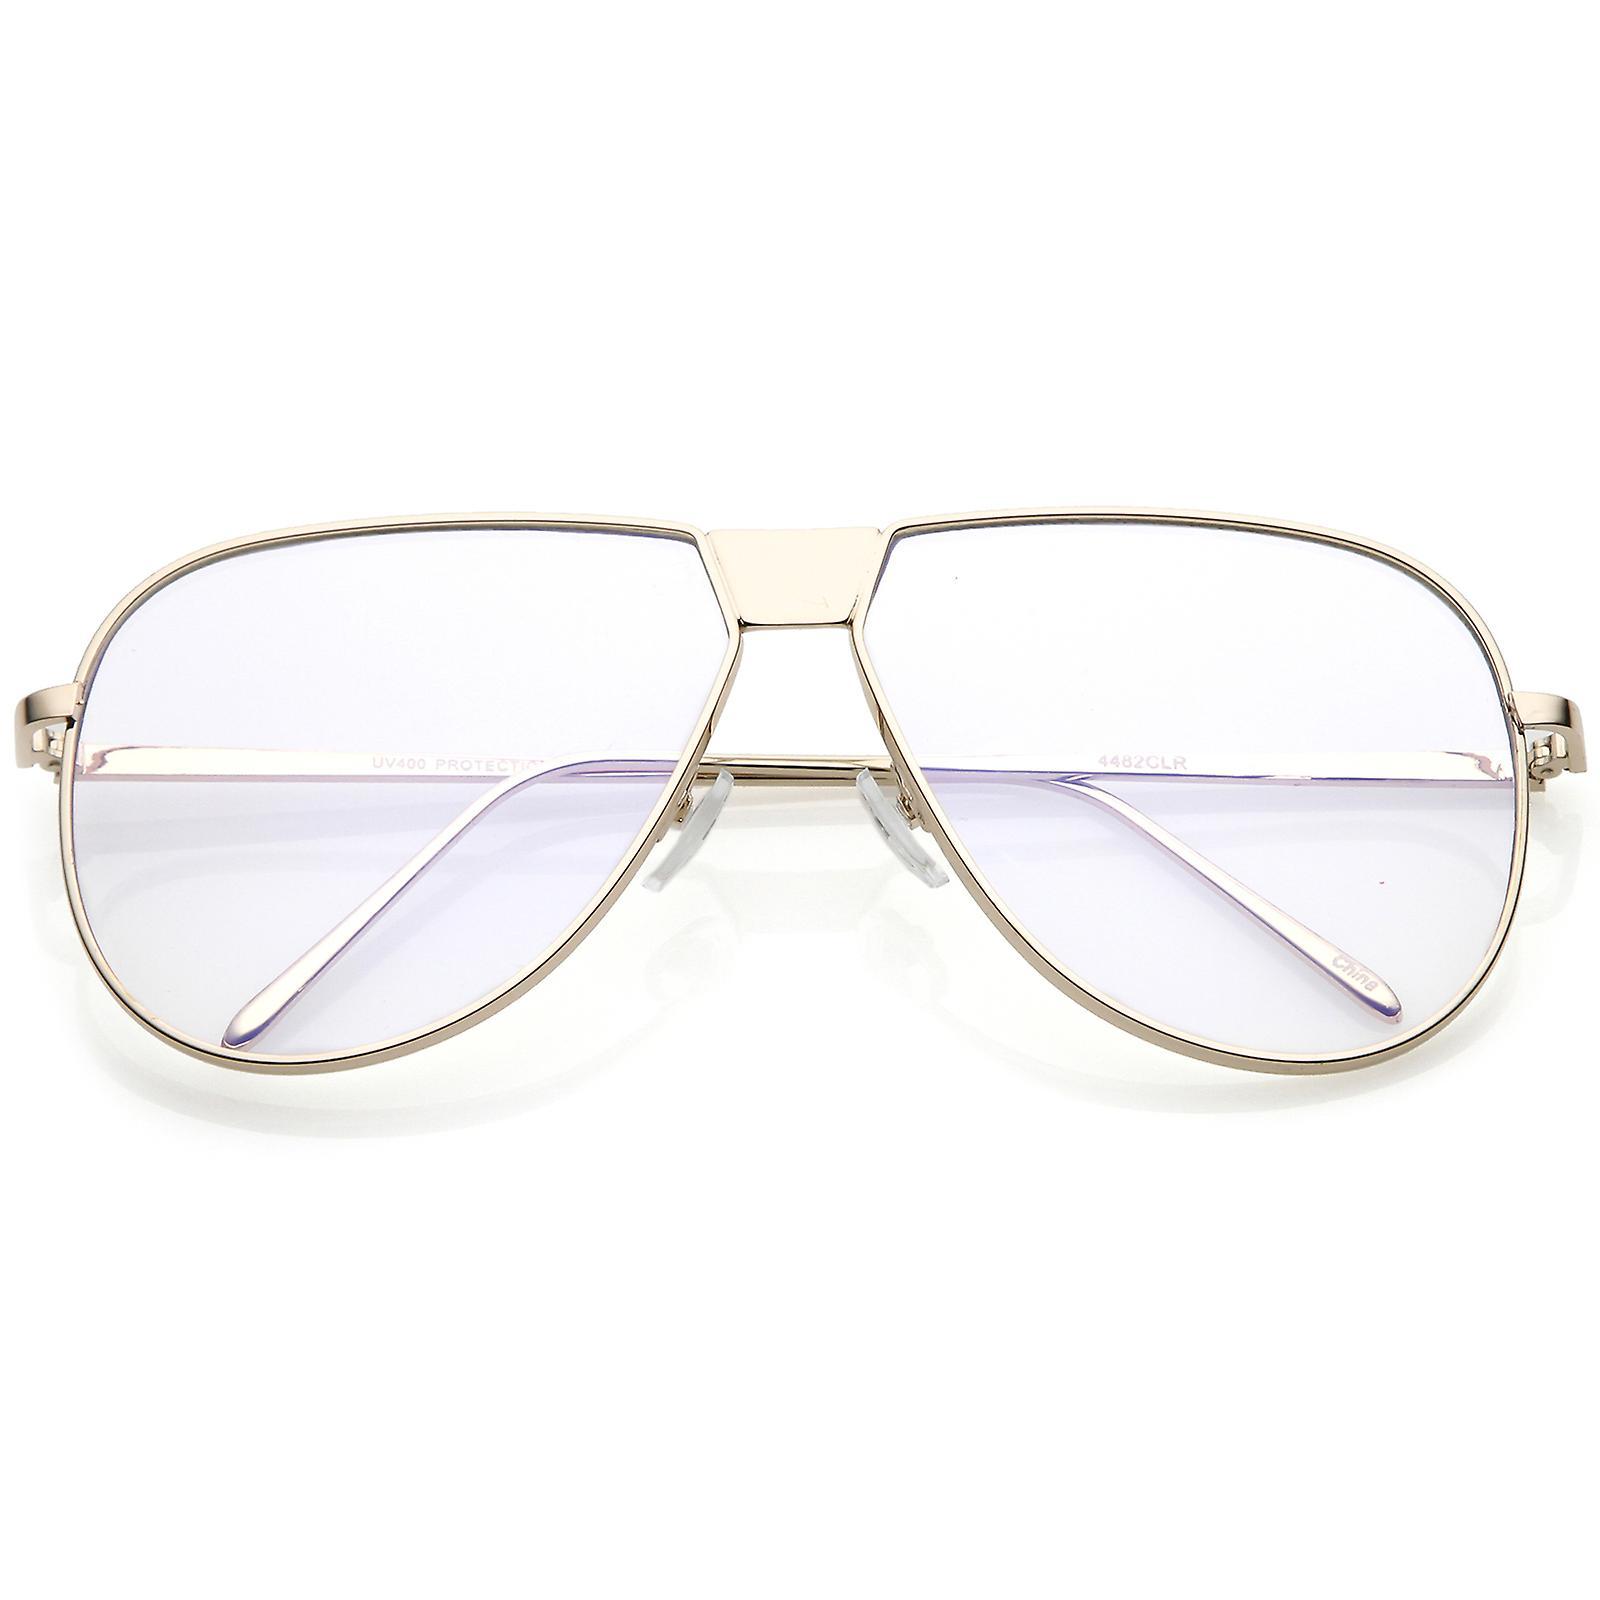 9be9ad791 نظارات الطيار أعلى شقة كامل معدنية كبيرة الحجم واضحة مسطحة العدسة 60 ...